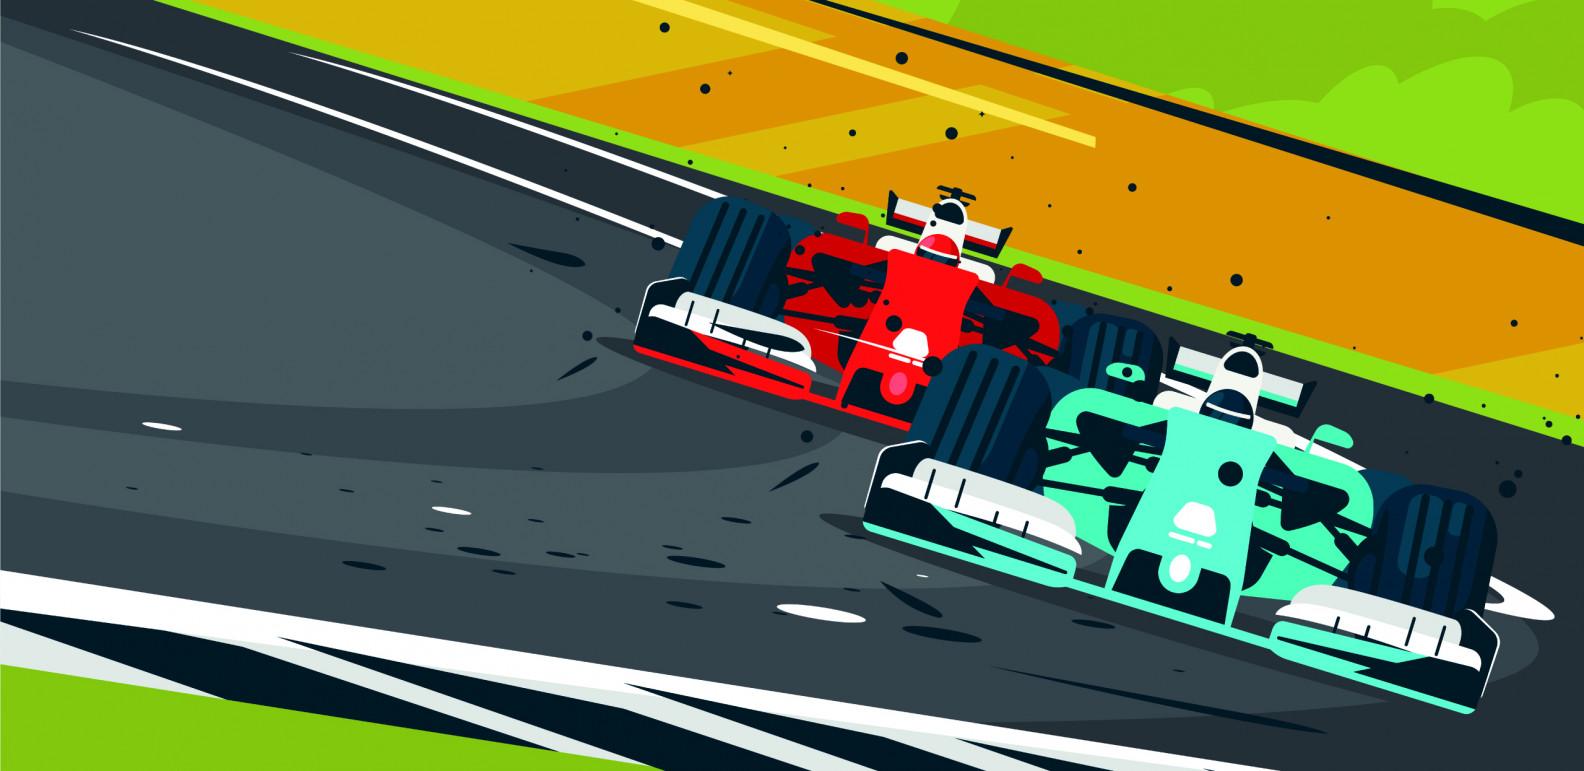 Hoe kan je de Emirates Grand Prix van Frankrijk gratis streamen